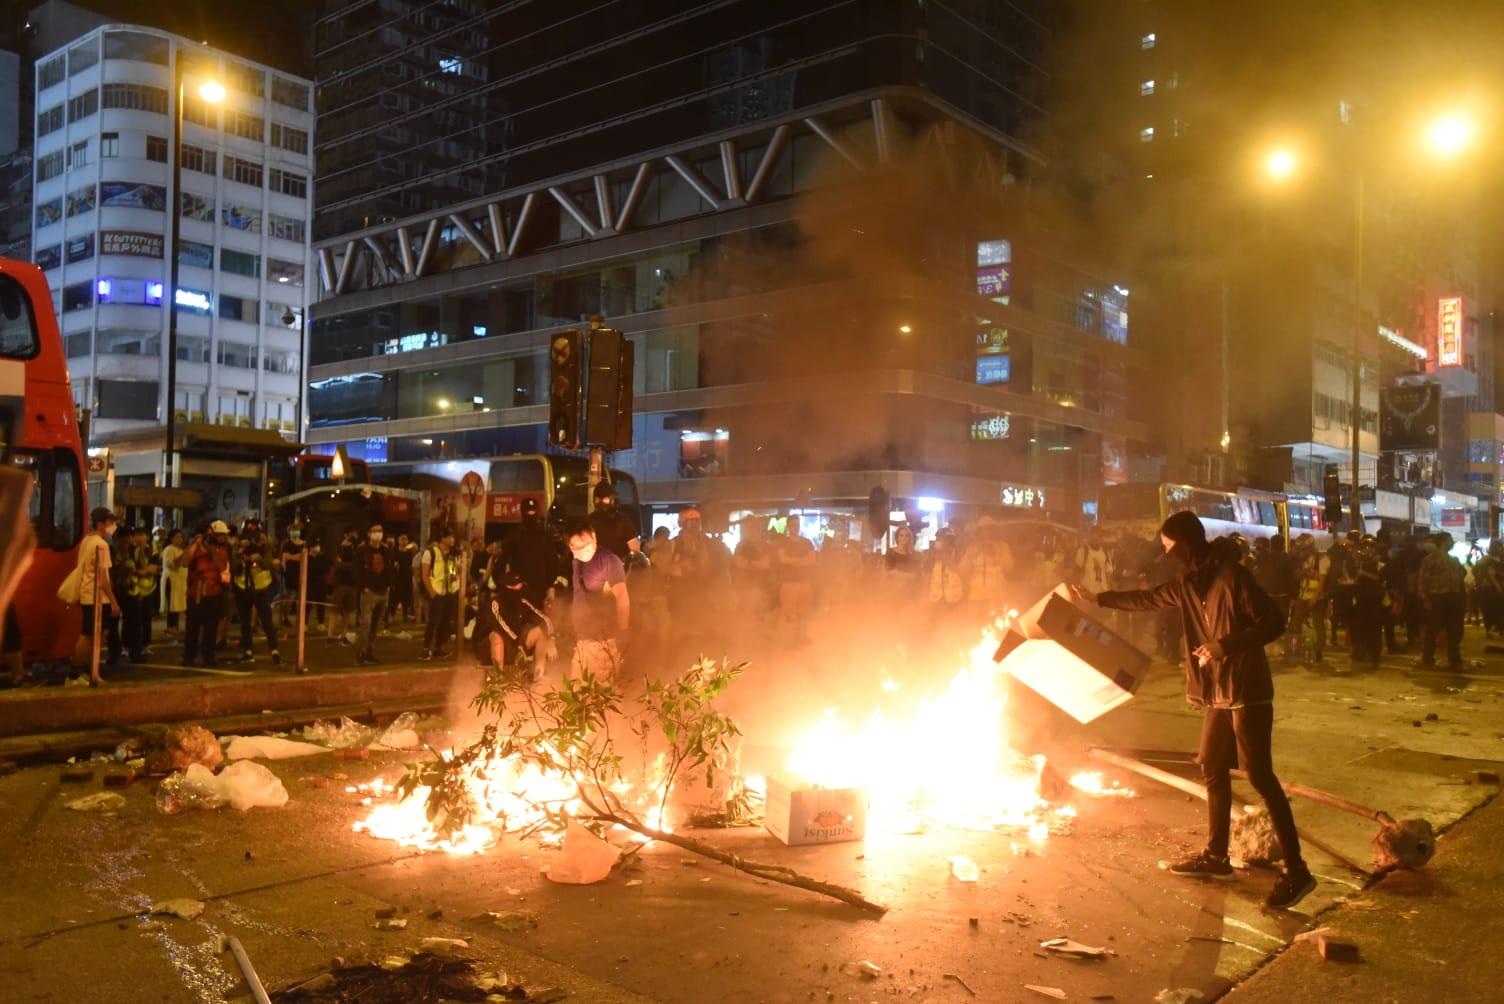 美专家劝香港示威者勿过高期望人权法案致铤而走险